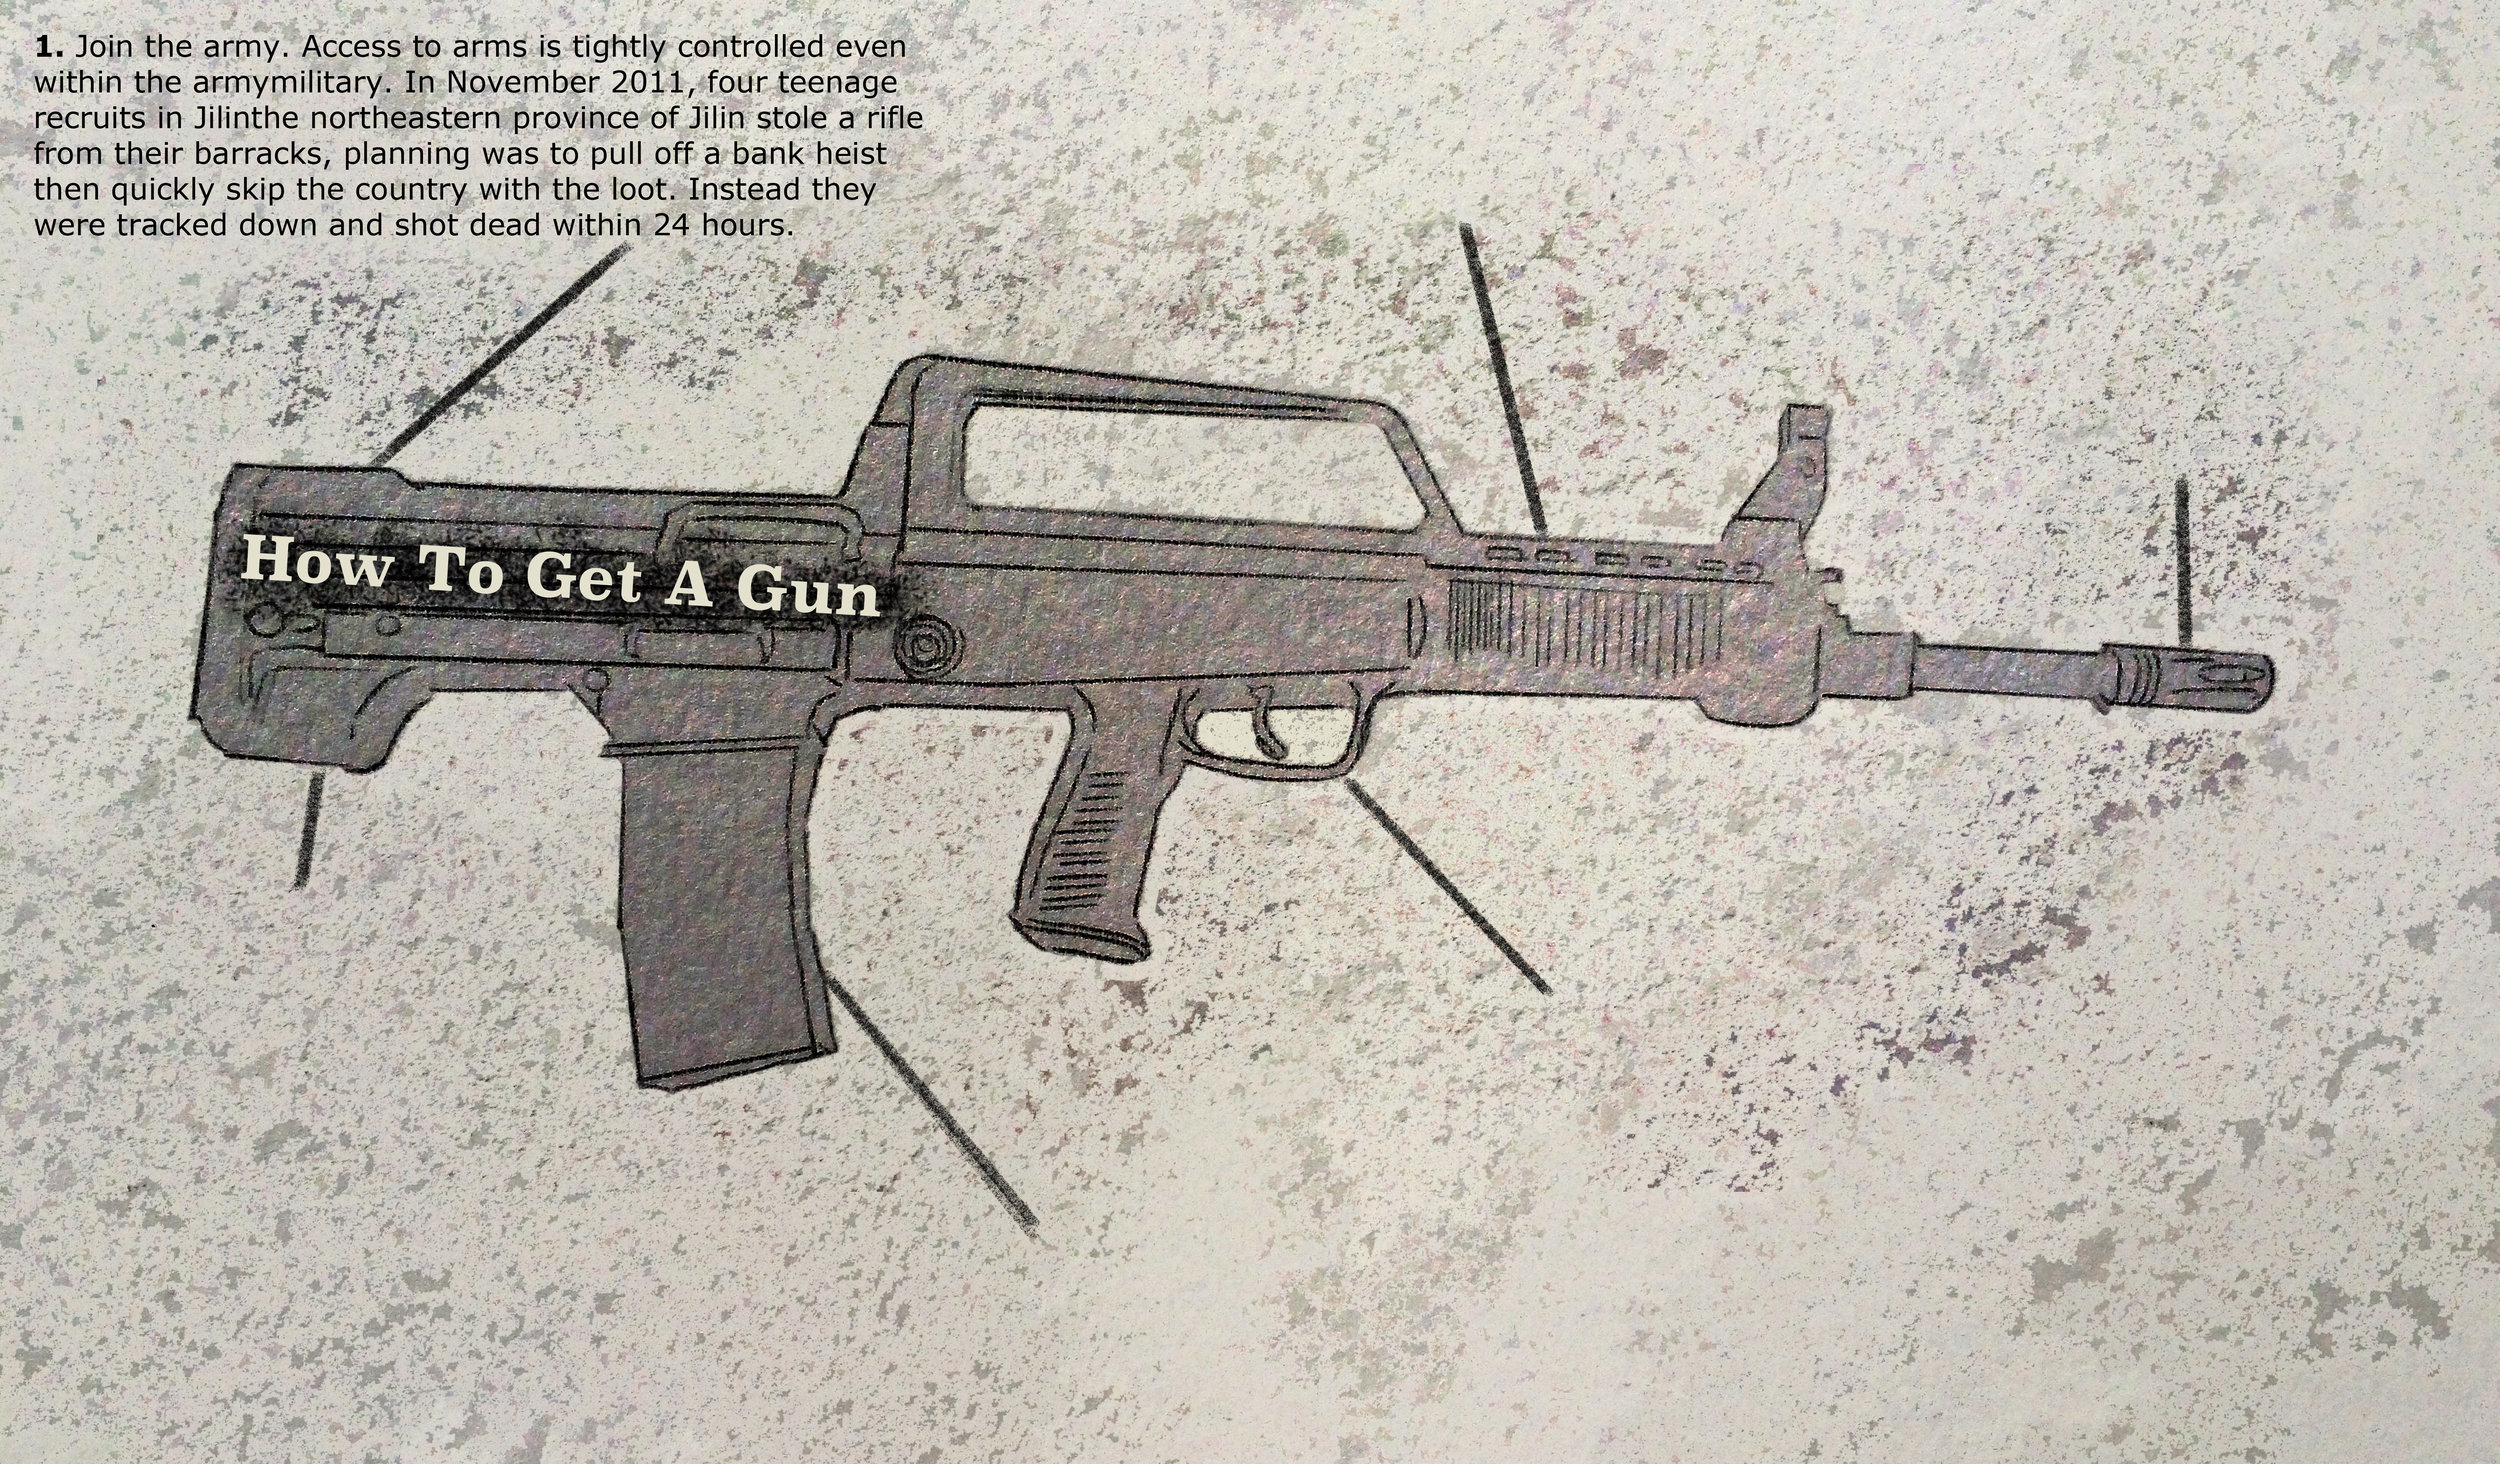 How to Get A Gun